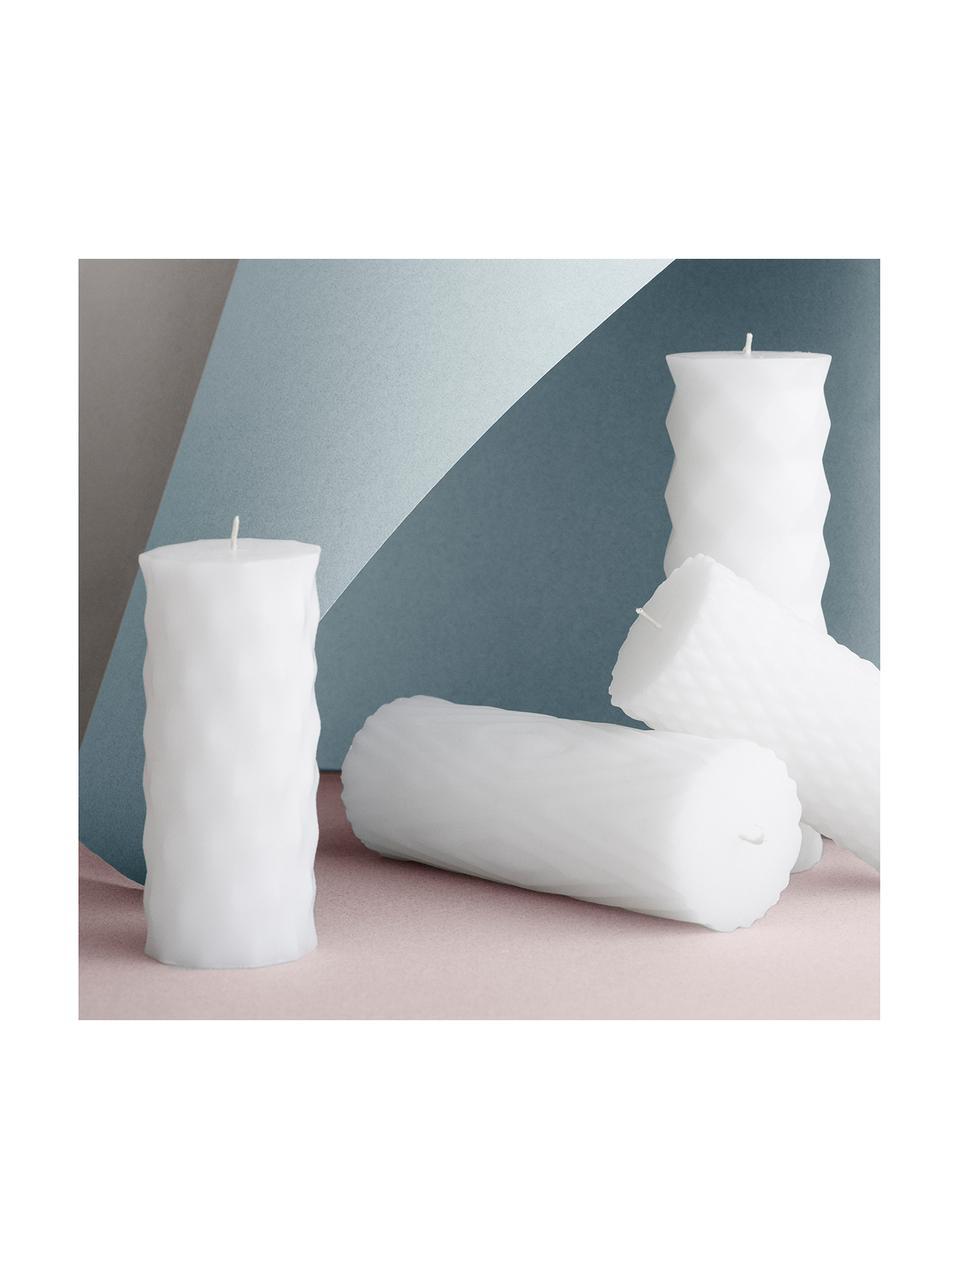 Świeca pieńkowa Mix Rhomb, 6 szt., 95% parafina, 5% wosk sojowy, Biały, Ø 7 x 14 cm